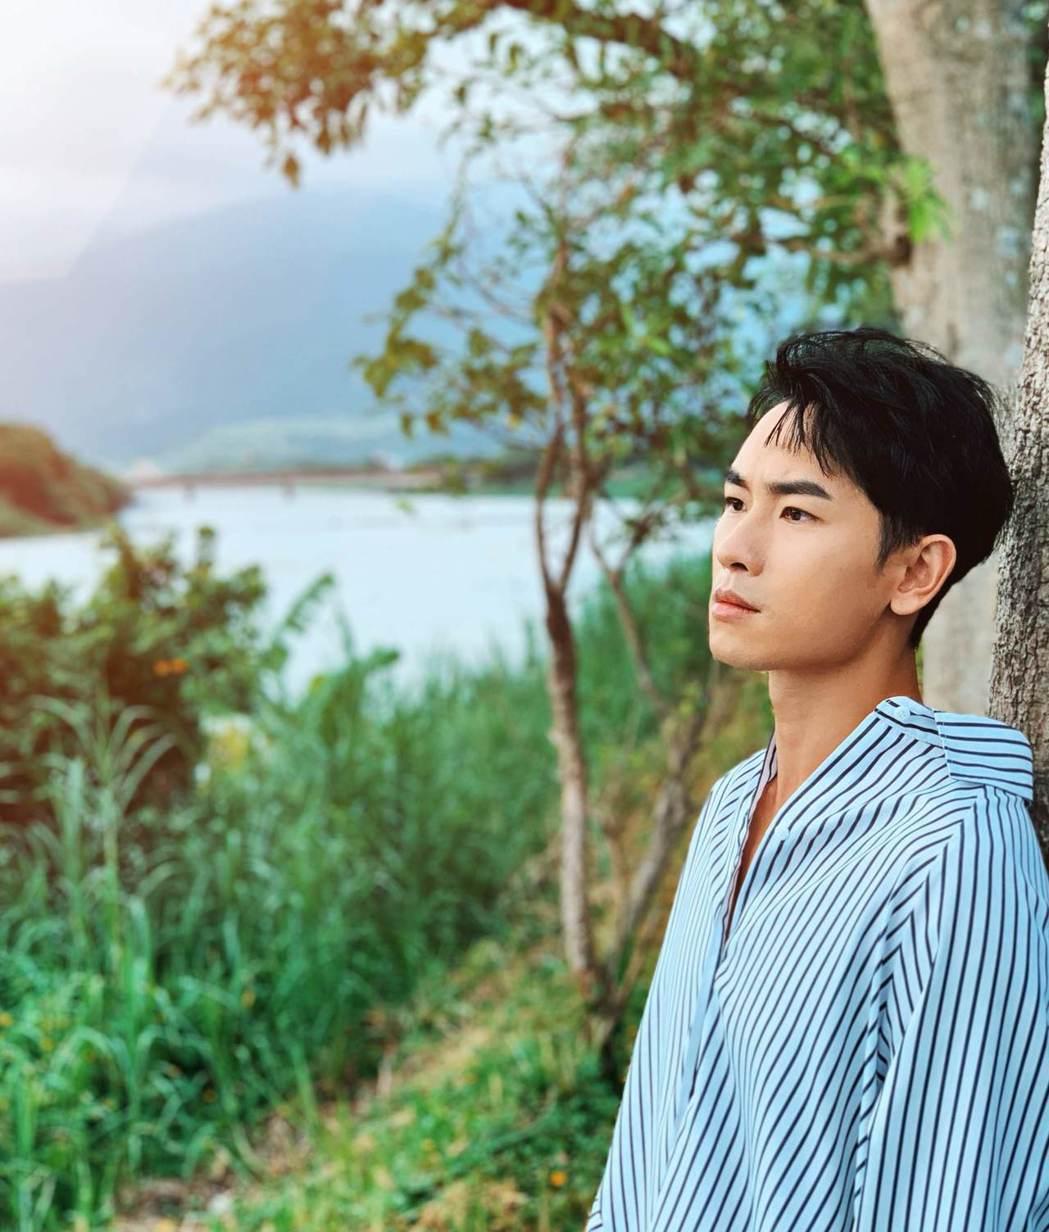 陳謙文推出台語新歌「永遠甲你牽」。圖/星火映畫提供